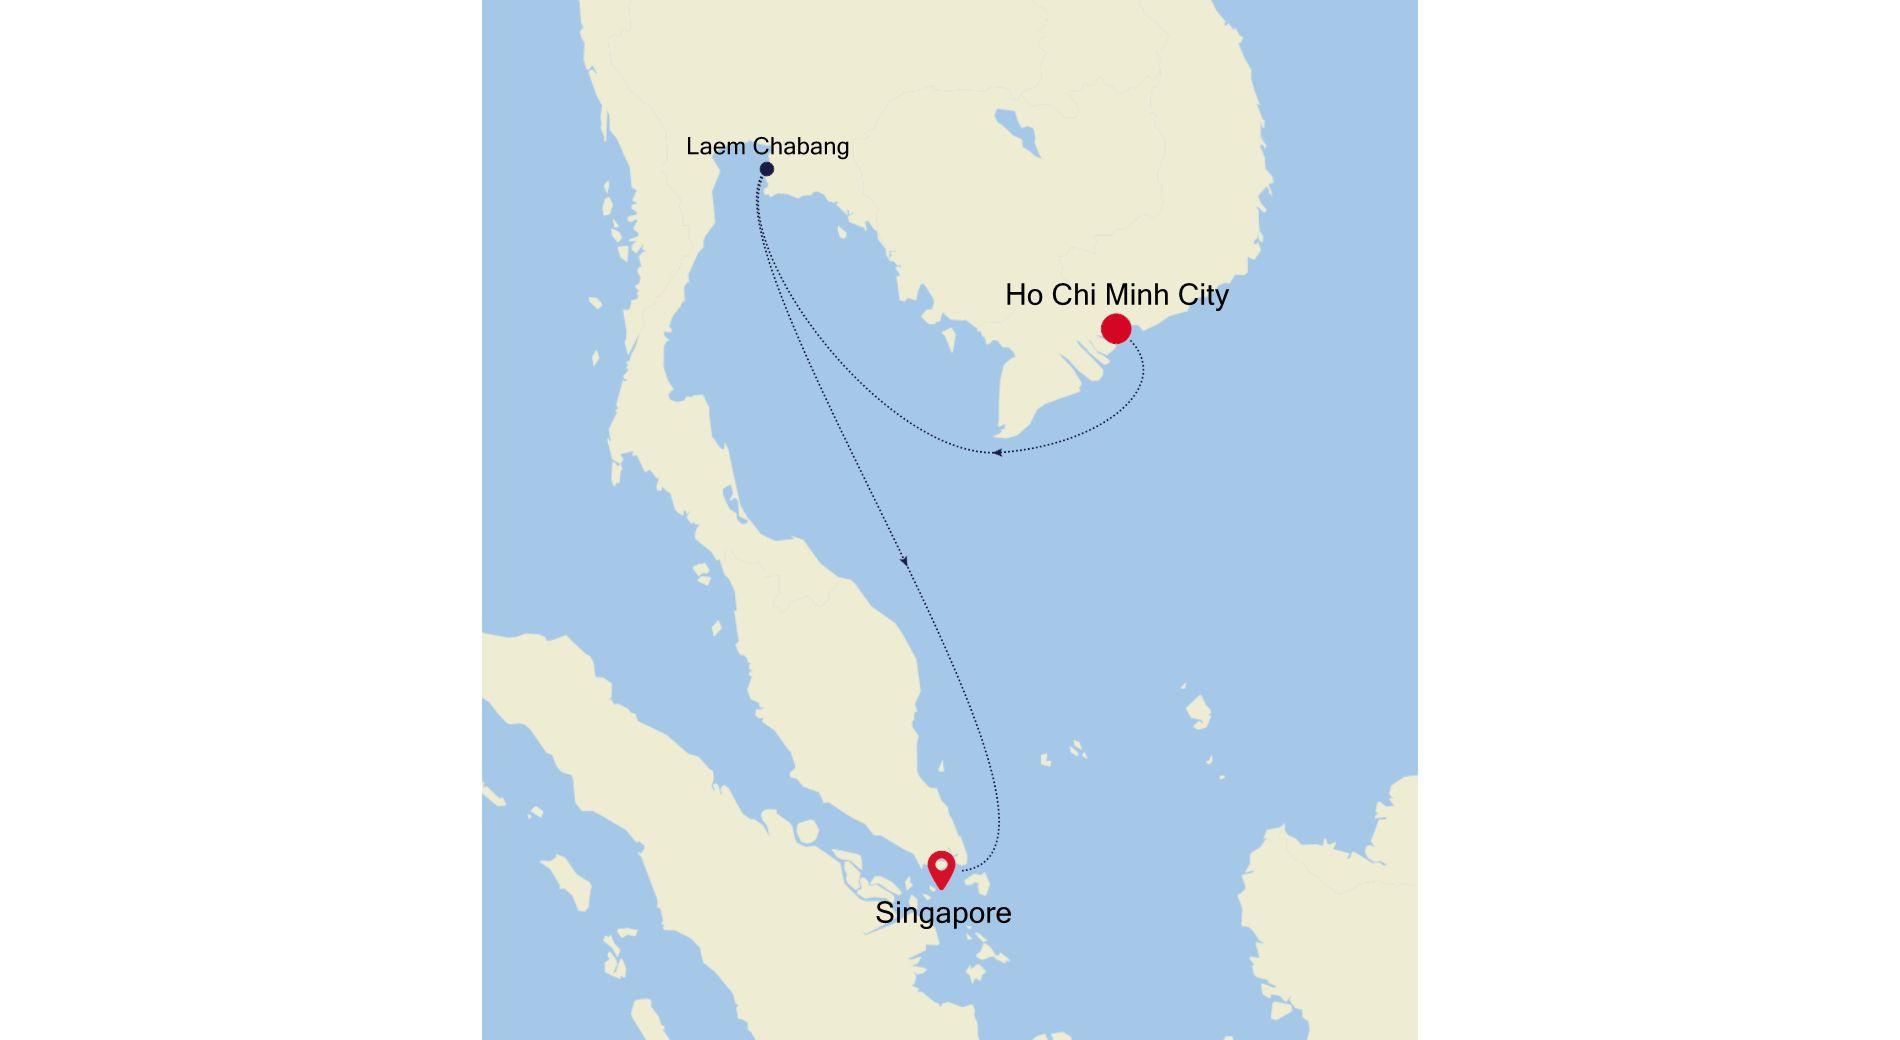 5004F - Ho Chi Minh City a Singapore